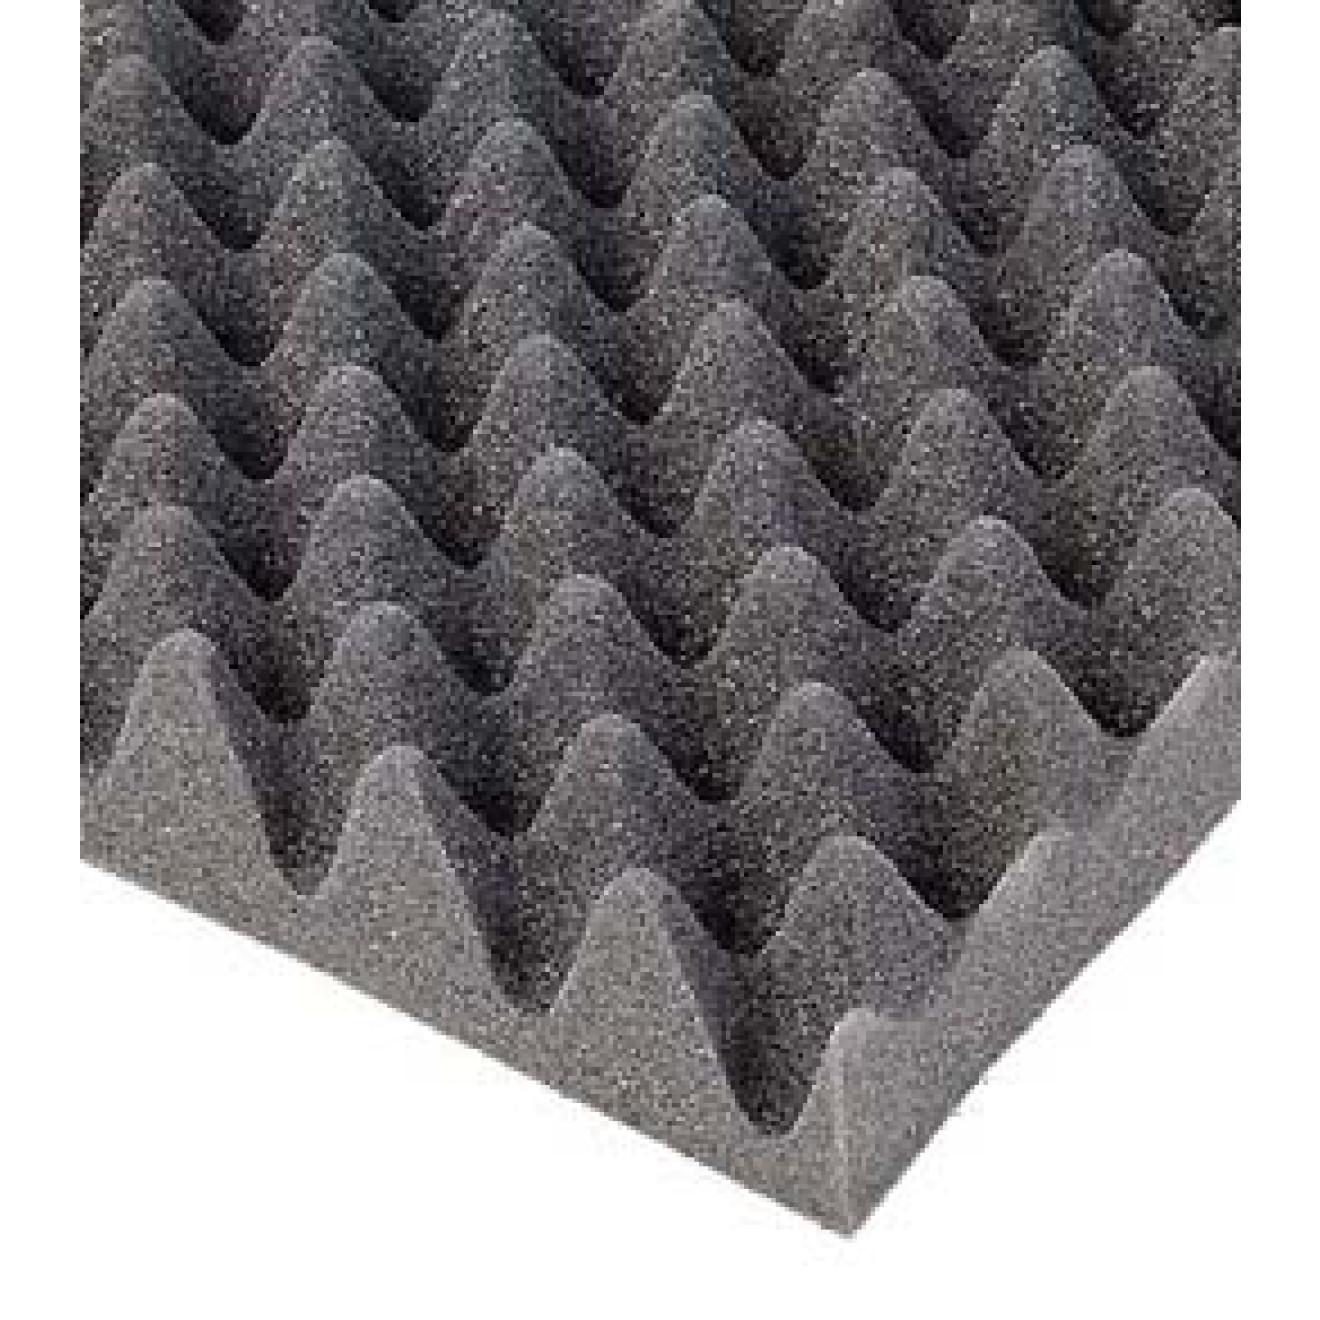 noppenschaumstoff zum bestpreis kaufen. Black Bedroom Furniture Sets. Home Design Ideas